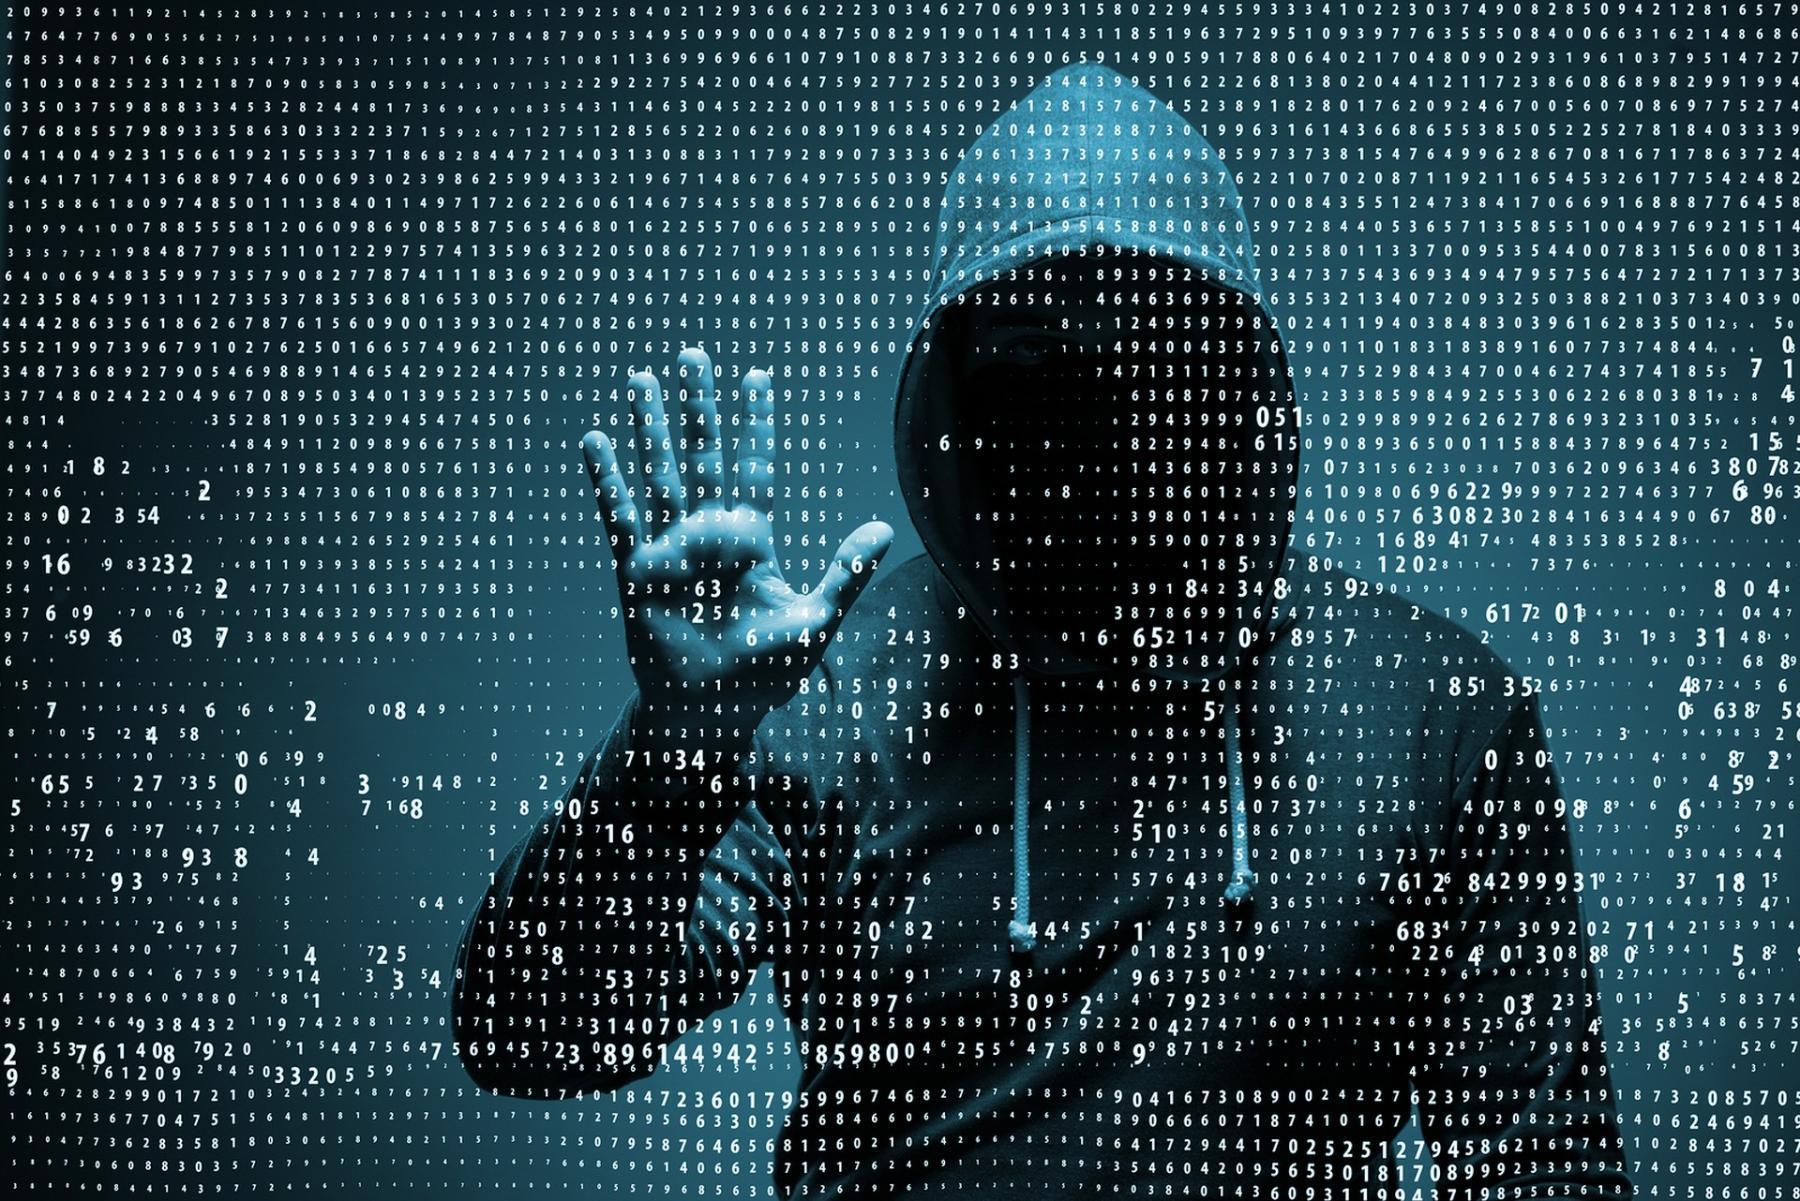 Devlet destekli siber saldırıların yarıdan fazlası Rusya'dan